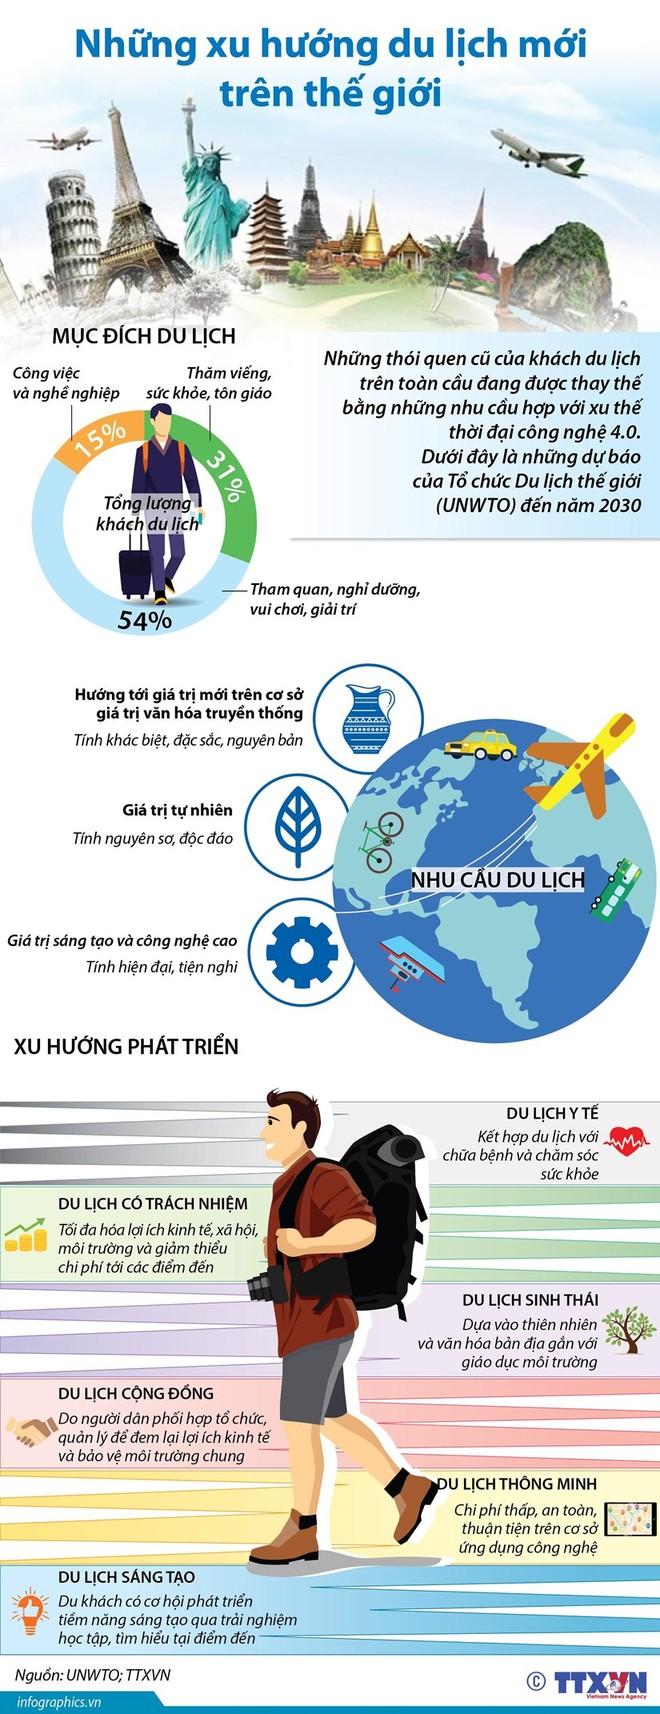 [Infographic] Những xu hướng du lịch mới trên thế giới ảnh 1